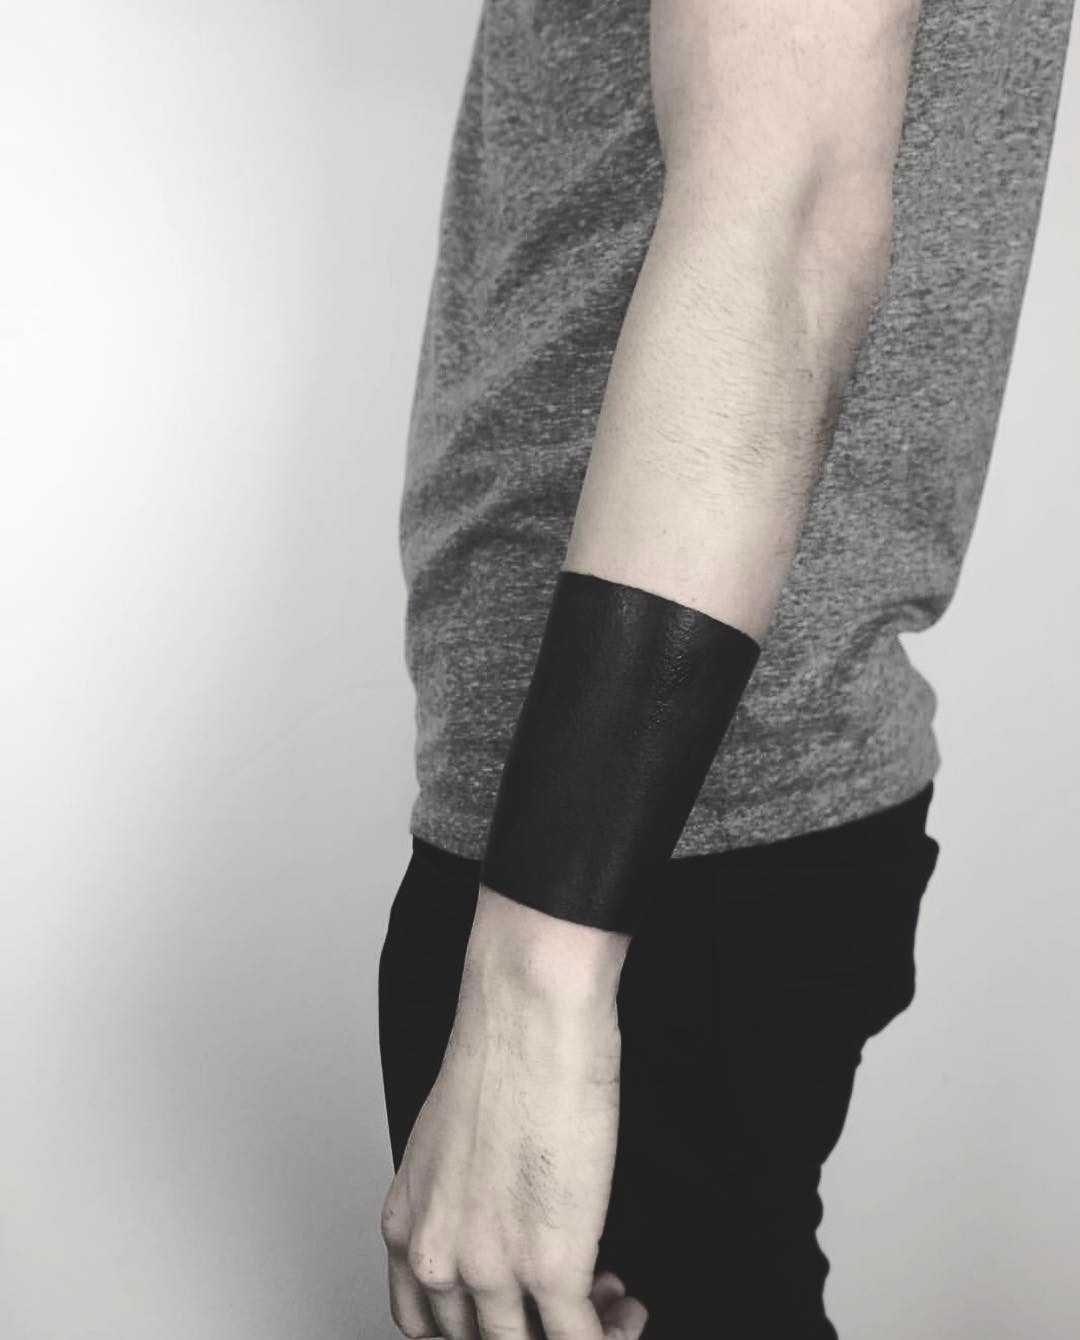 Black cuff tattoo by Vera